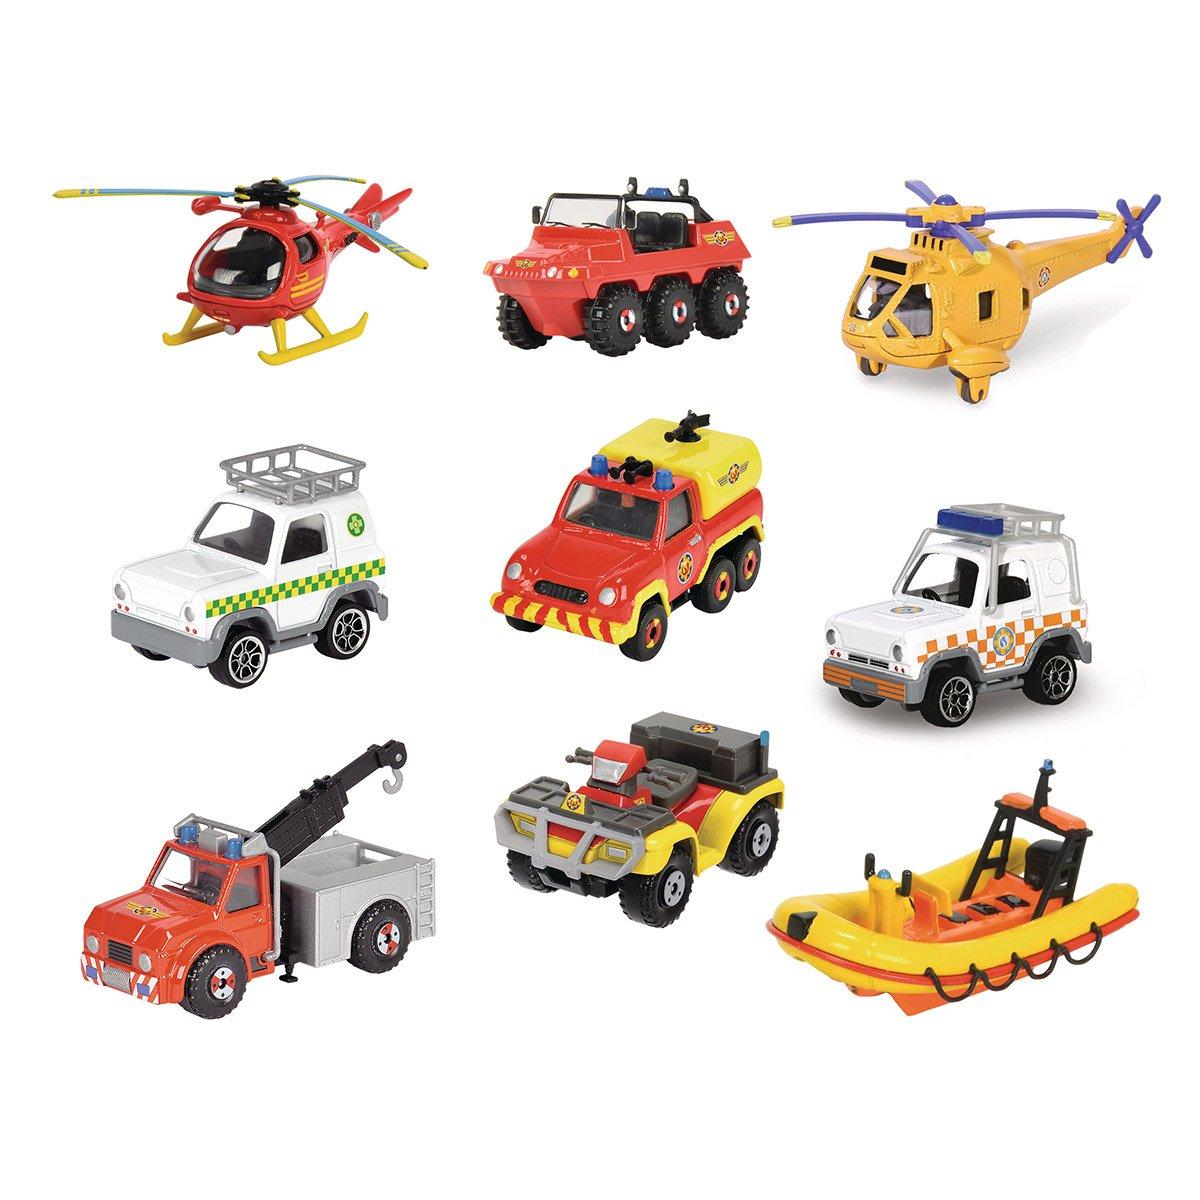 Vehicule Sam Le Pompier Vehicules Et Figurines La Grande Recre